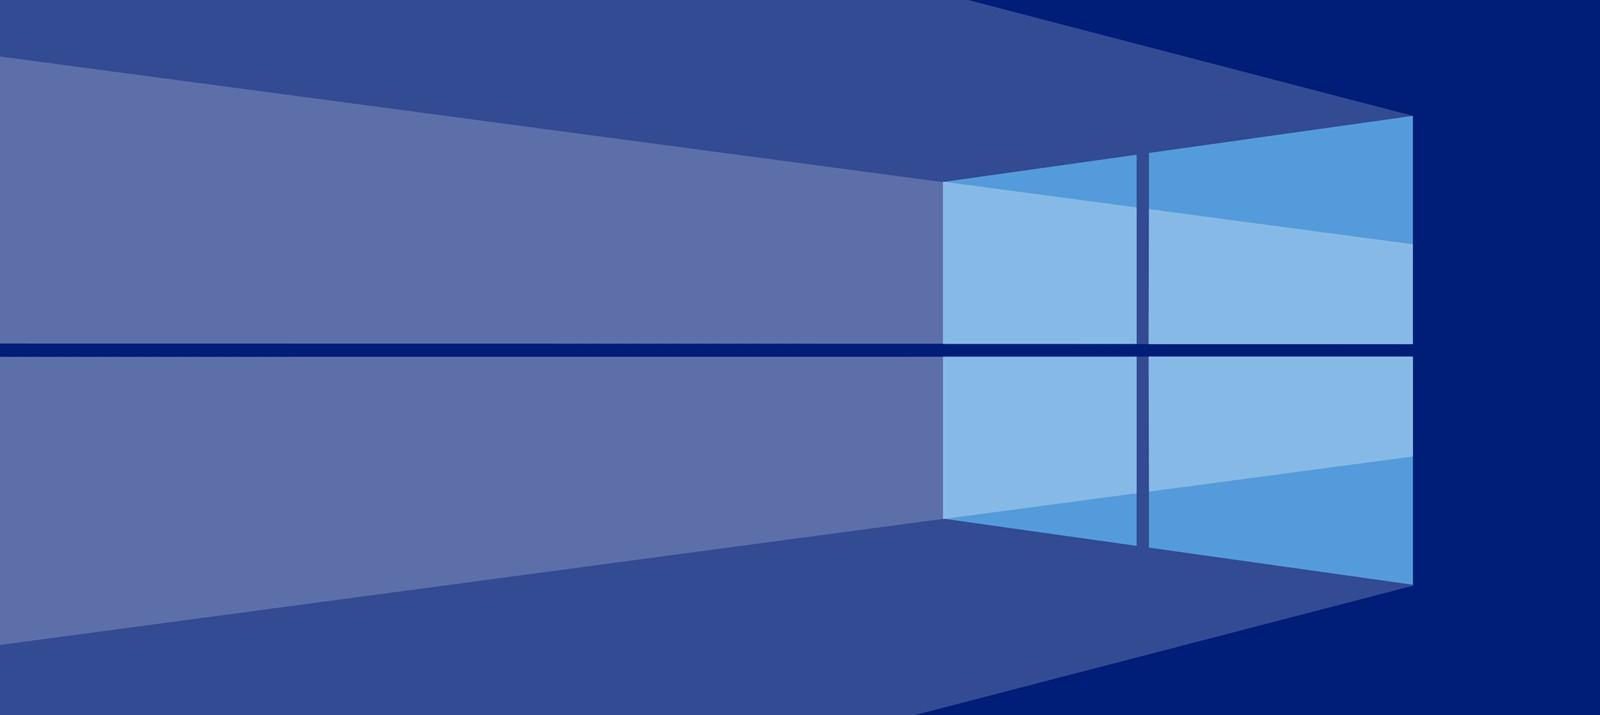 как сделать гиф обои на рабочий стол windows 10 № 185836 загрузить